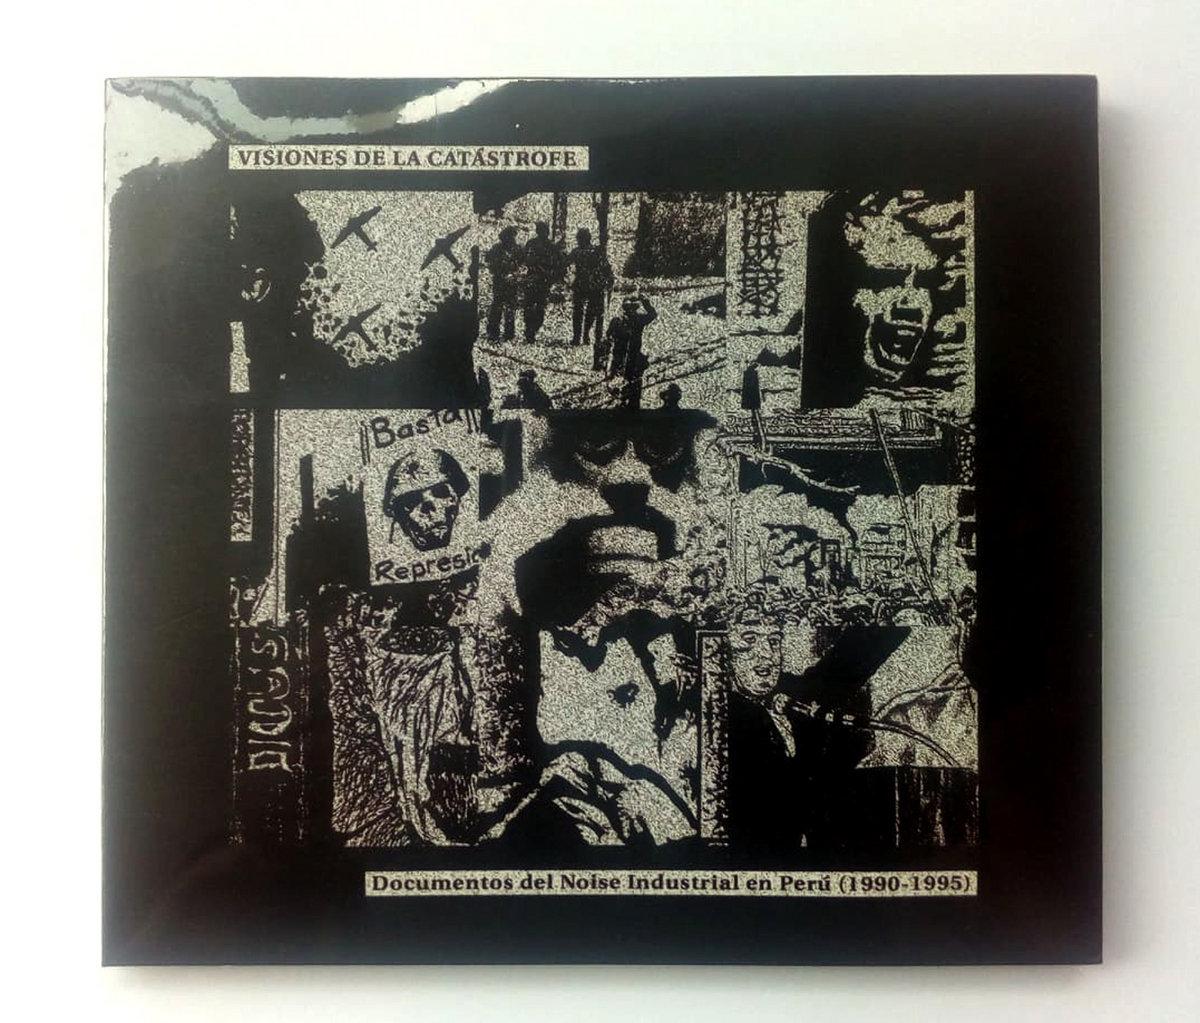 5c2b175225 Includes unlimited streaming of BR78 Visiones de la catástrofe - Documentos  del Noise Industrial en el Perú (1990-1995) {Sounds Essentials Collection  Vol 5} ...